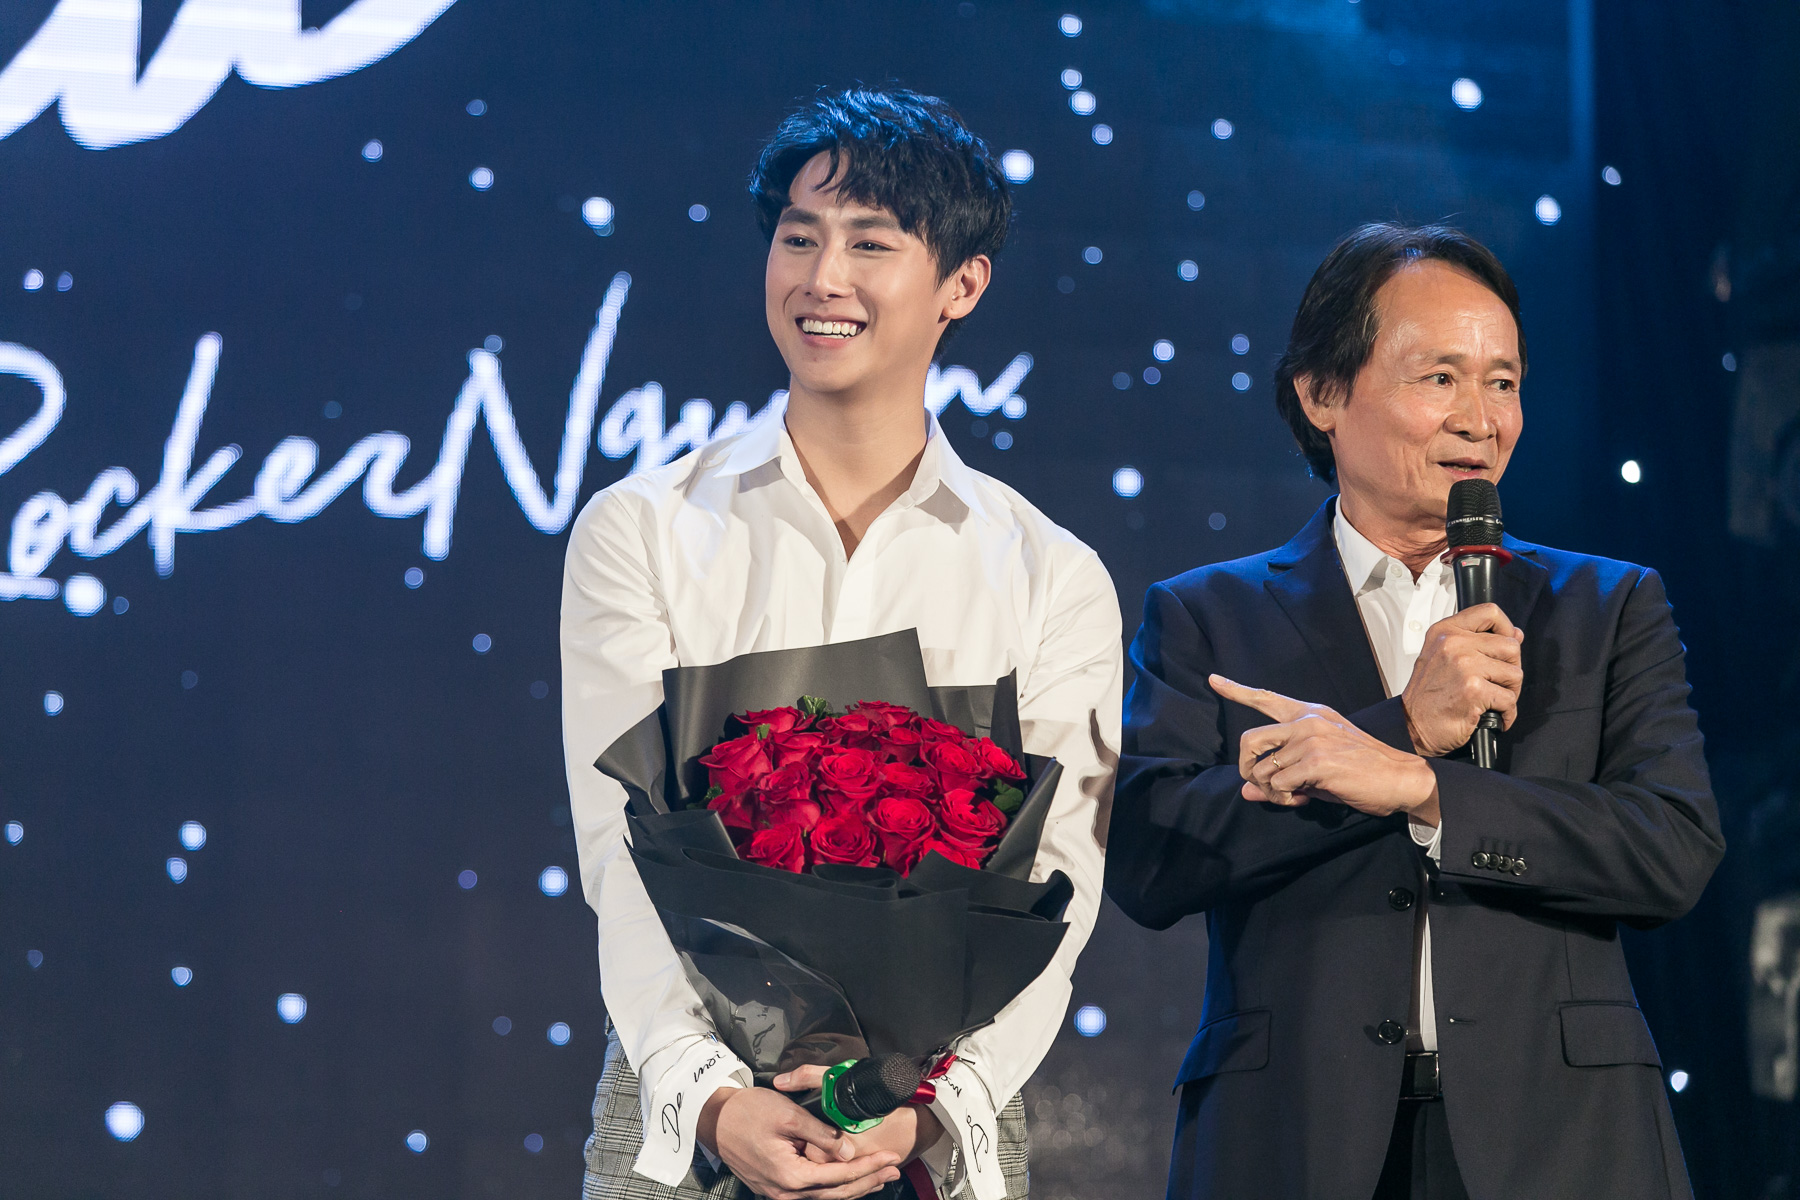 Sự xuất hiện của bố trong sự kiện đã mang lại cho Rocker Nguyễn nhiều cảm xúc. Chính bố là người truyền cảm hứng và hướng anh đến với con đường ca hát.